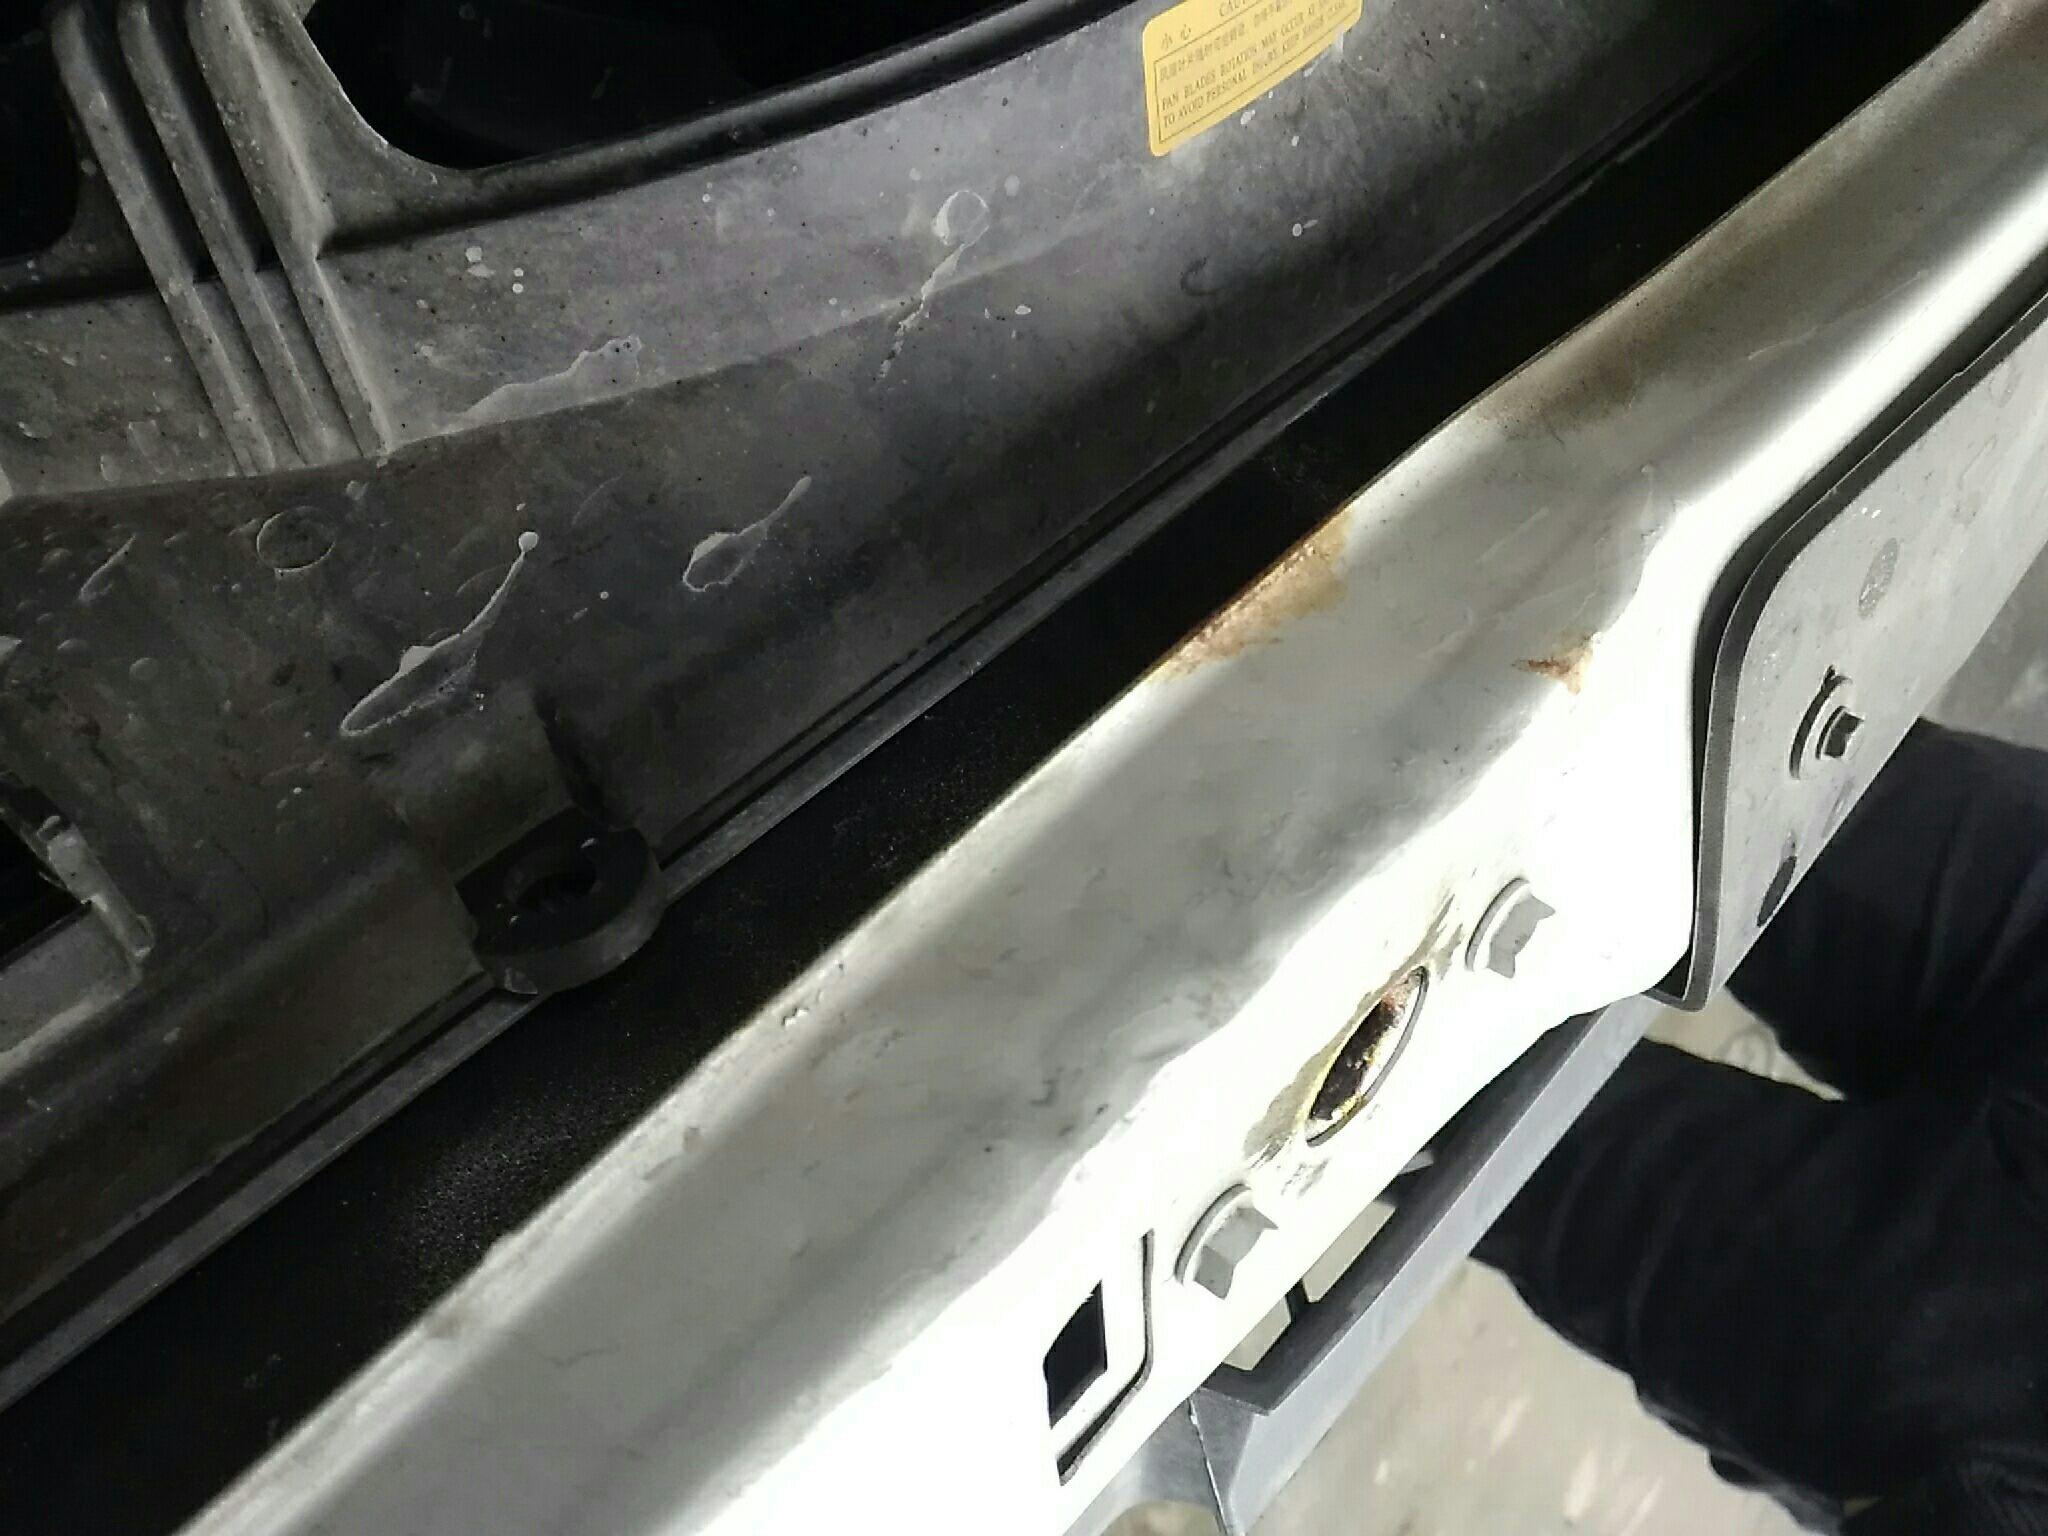 湖州二手雪佛兰赛欧 > 雪佛兰赛欧 20  车头轻微的碰撞会导致水箱框架